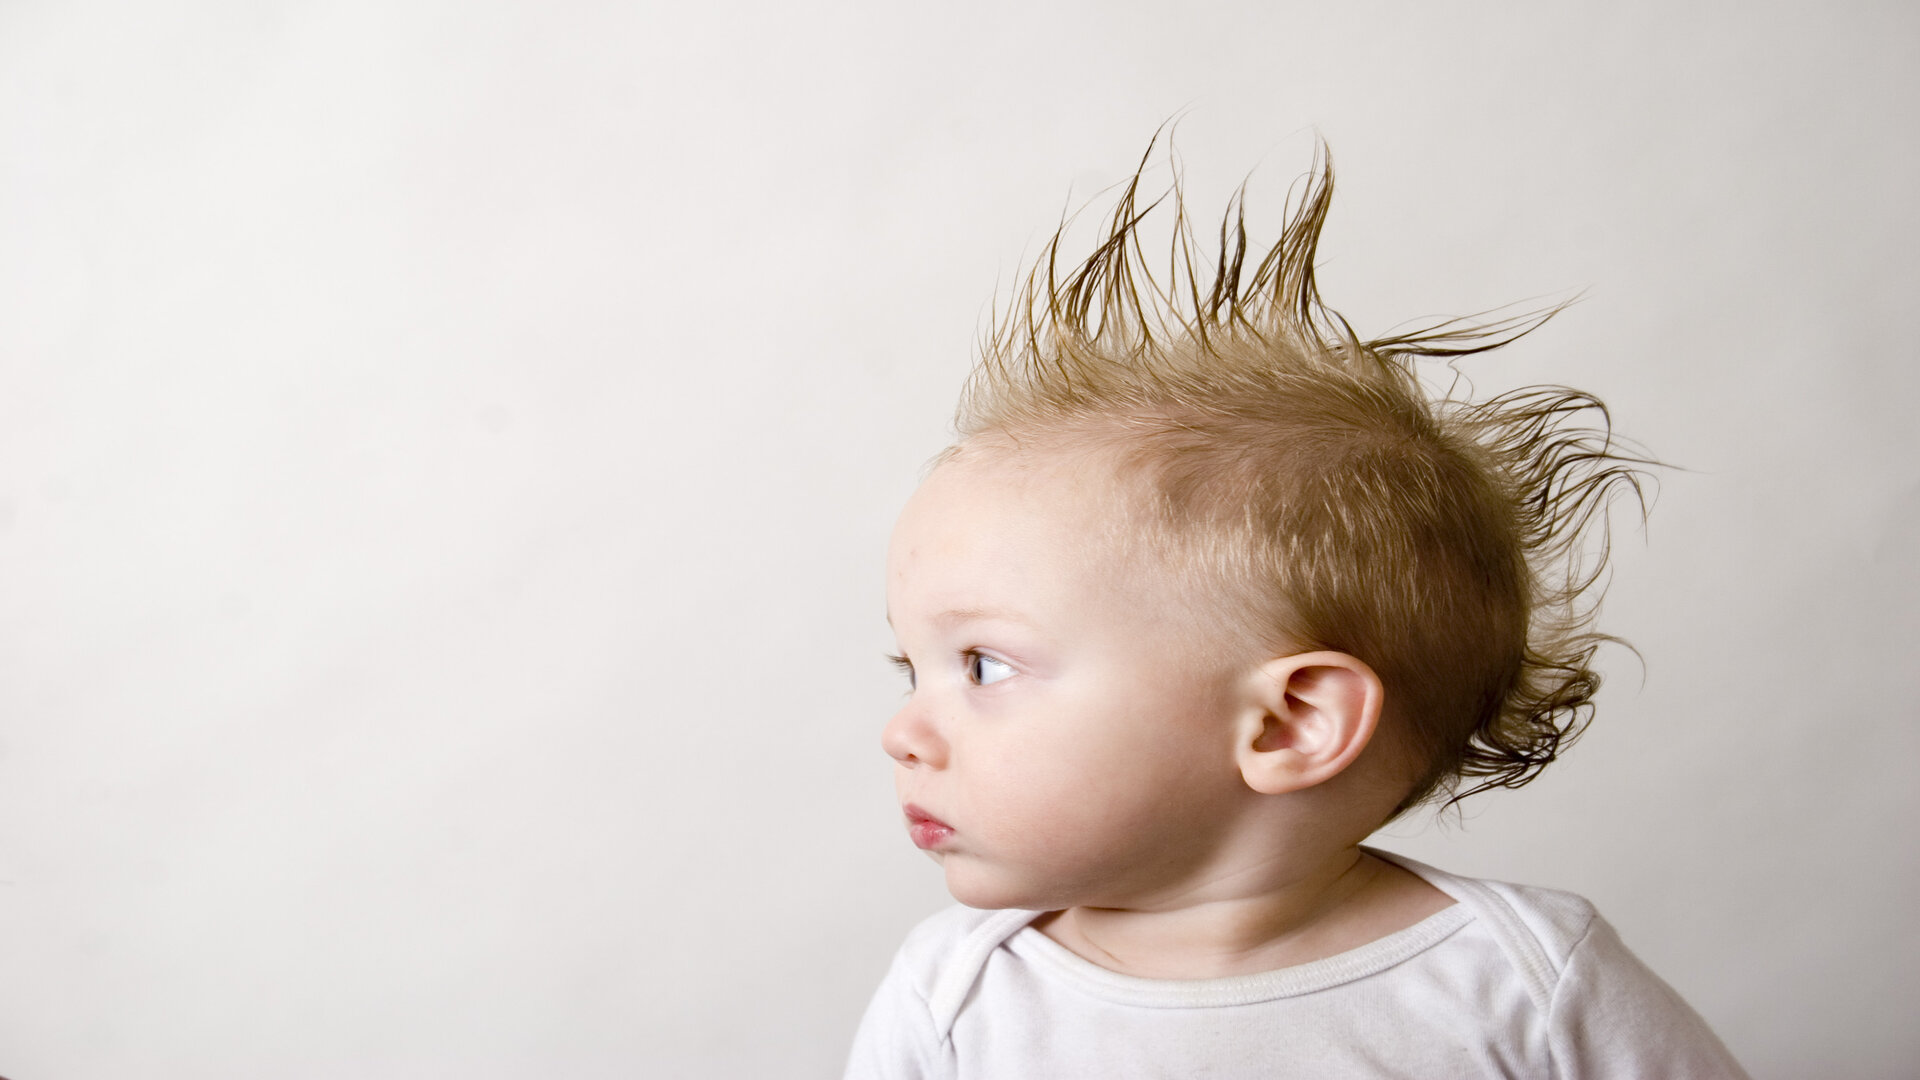 Remuez les cheveux de bébé